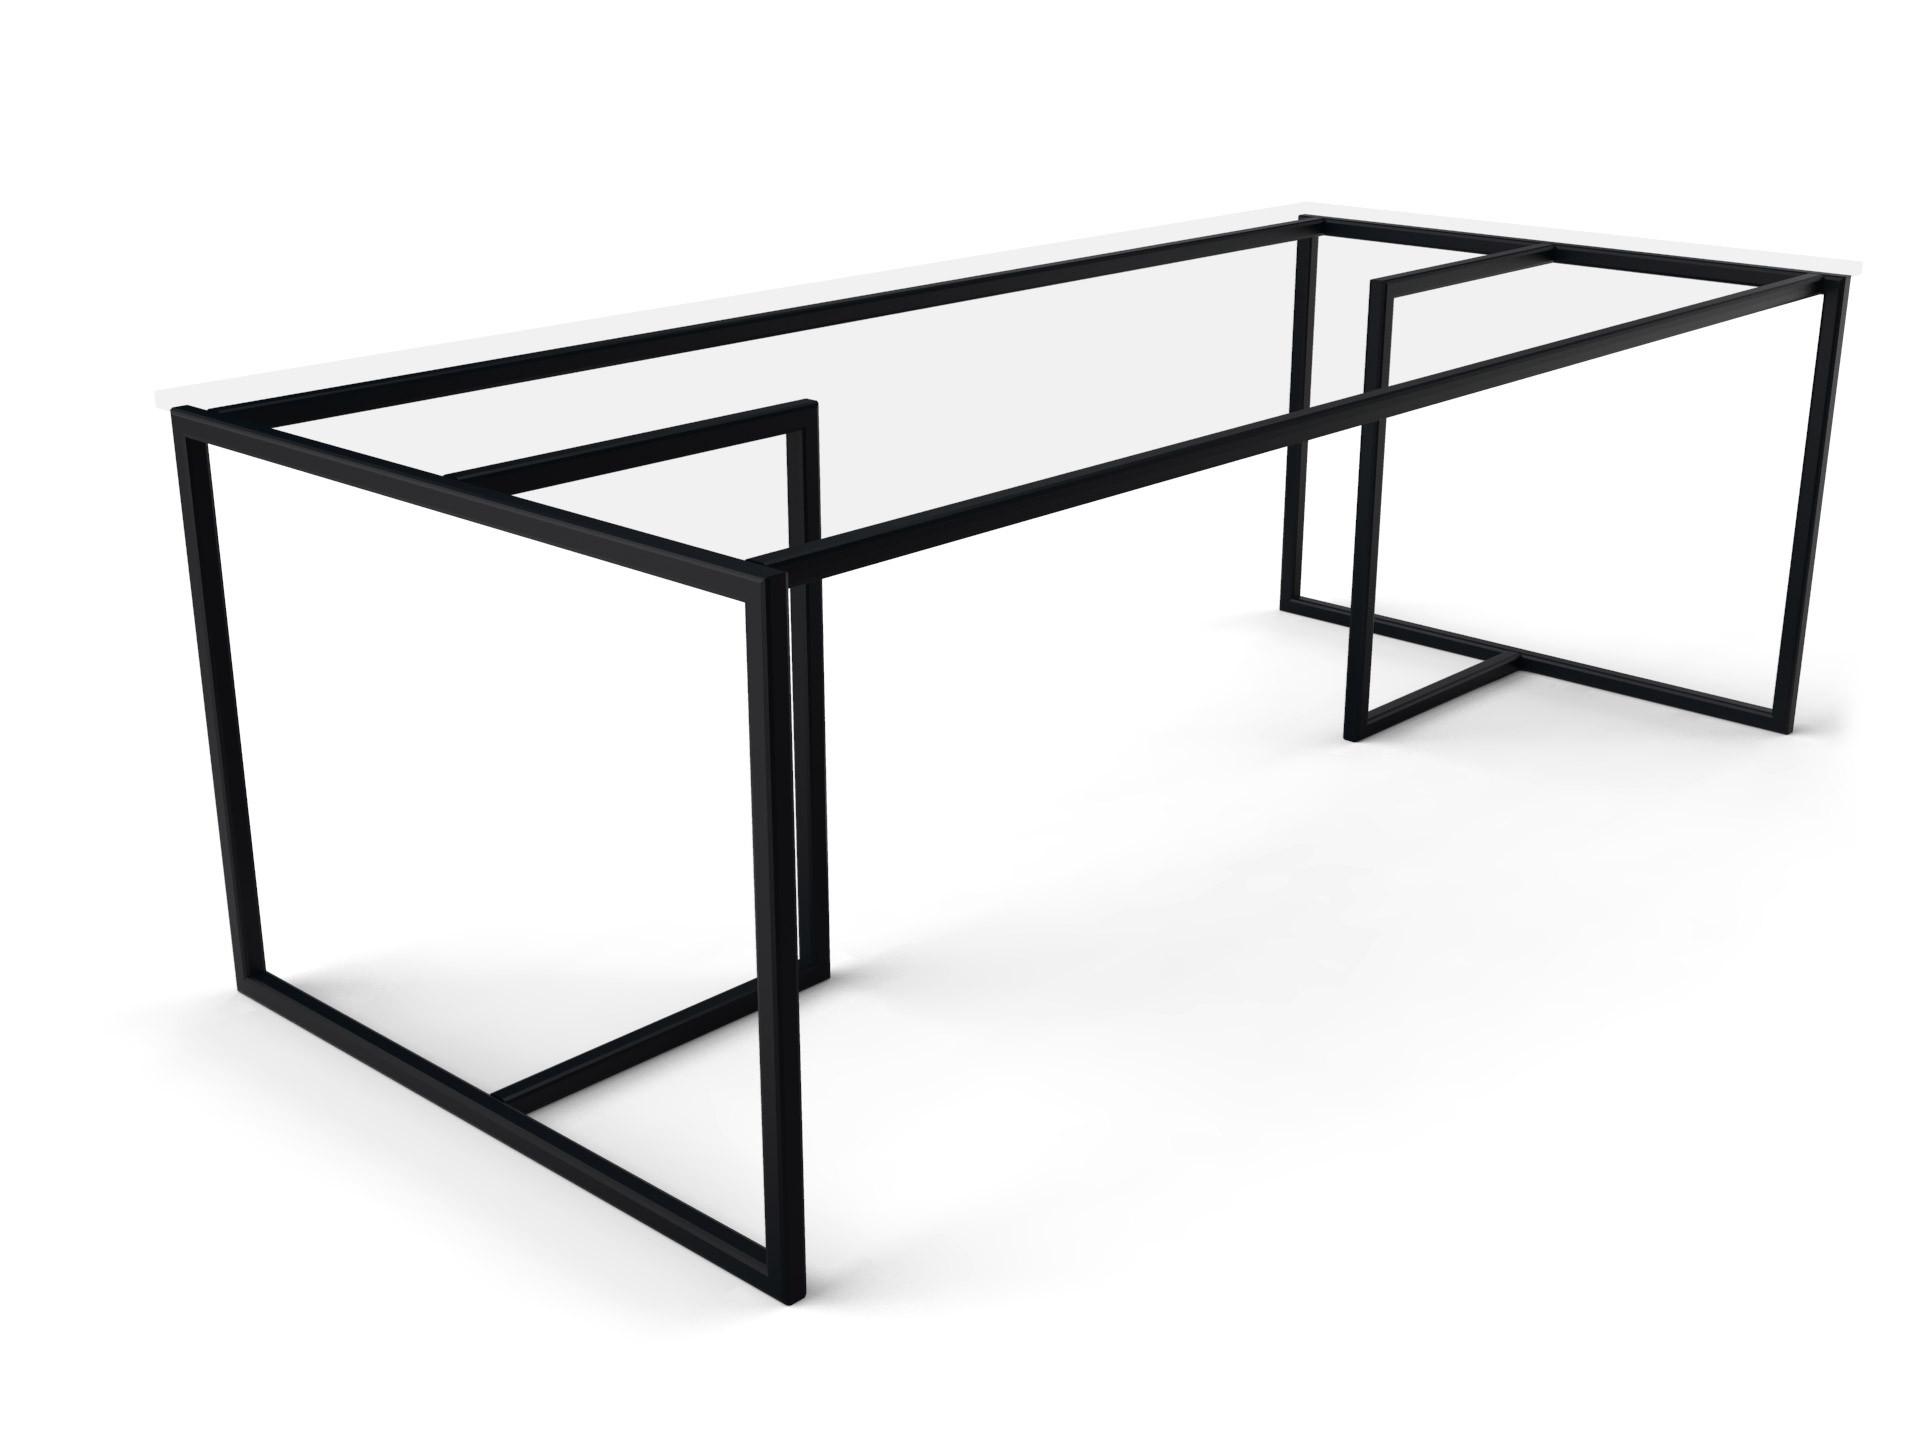 Tischgestell Lugo